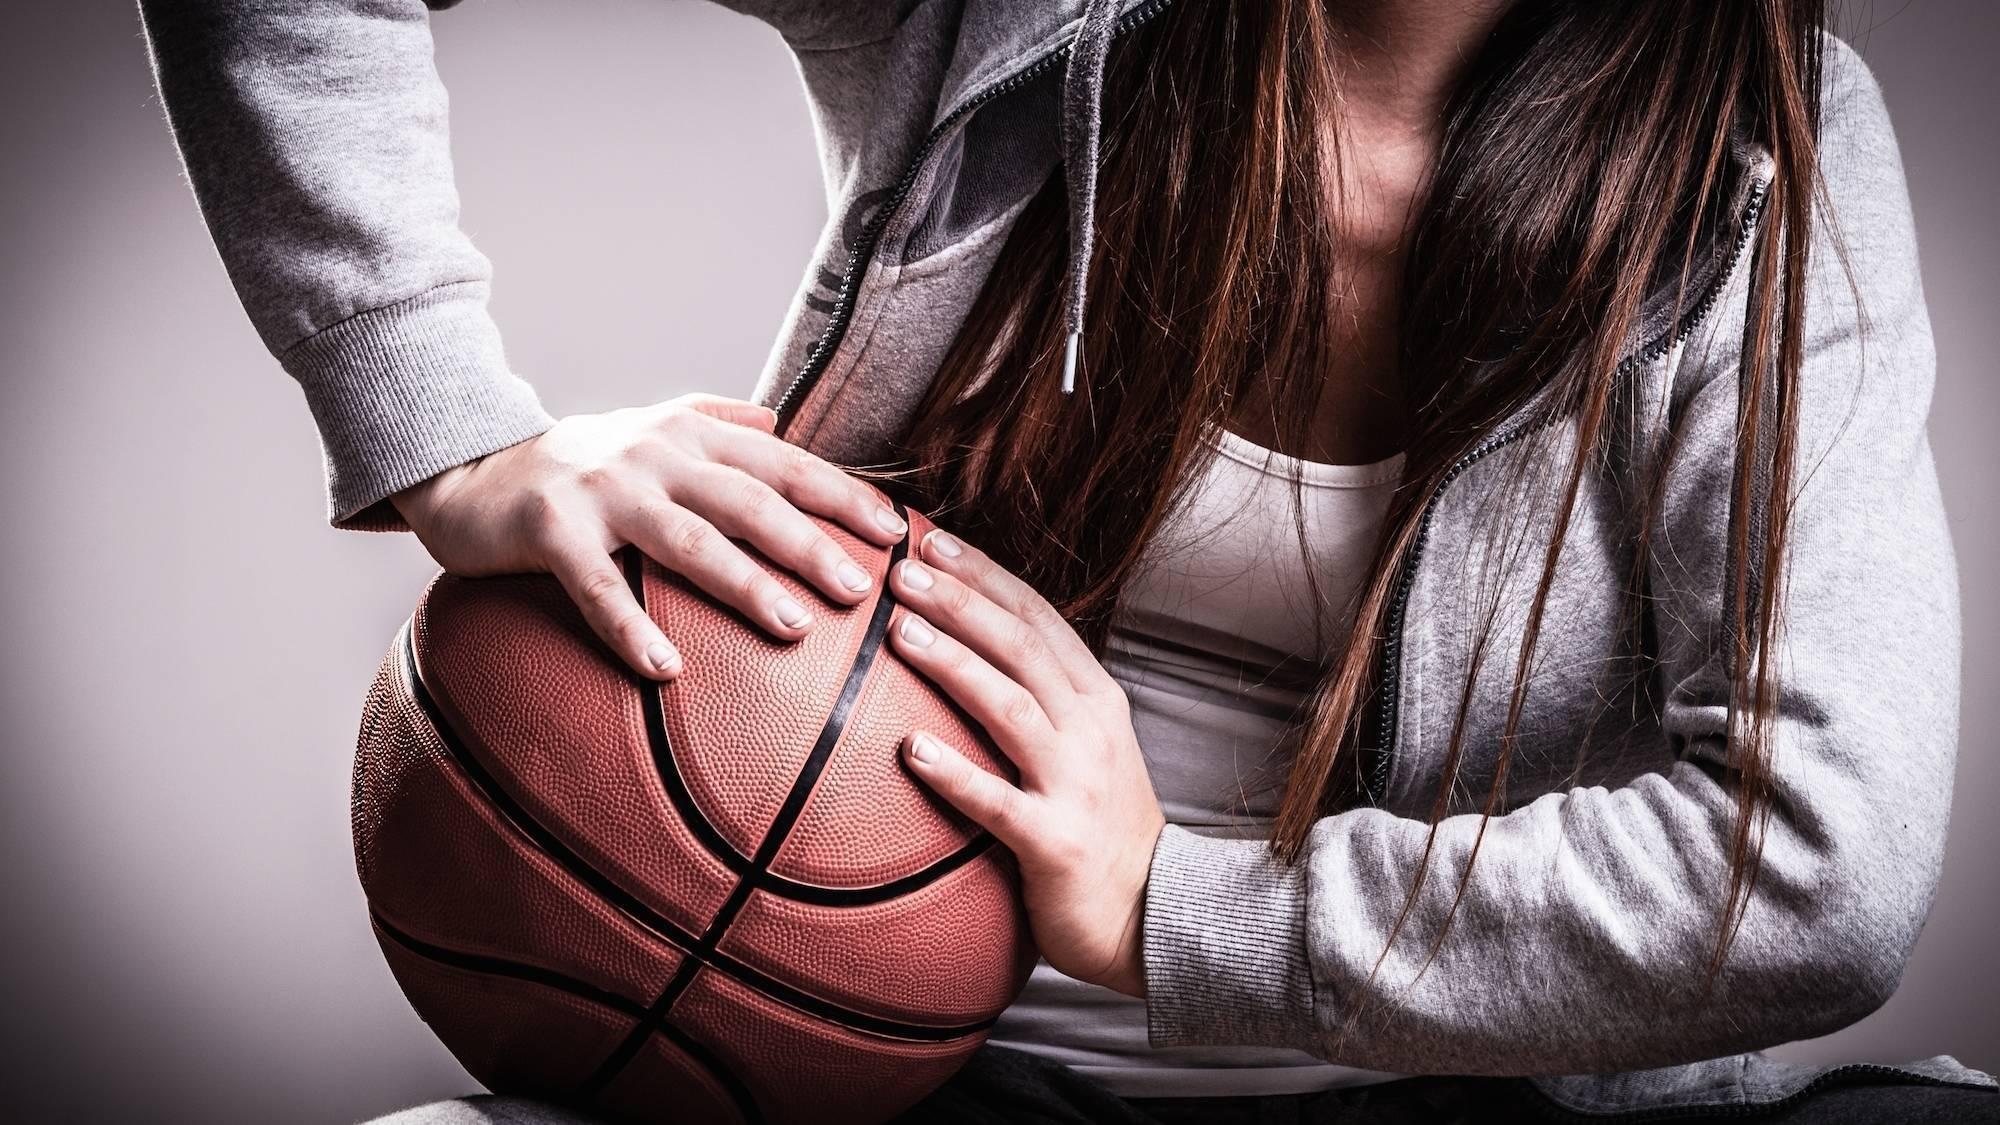 2fb916eae887b6a86141_cefc399418fecb9a38a5_e3fcf9394b071f34f19a_Basketball_2.jpg